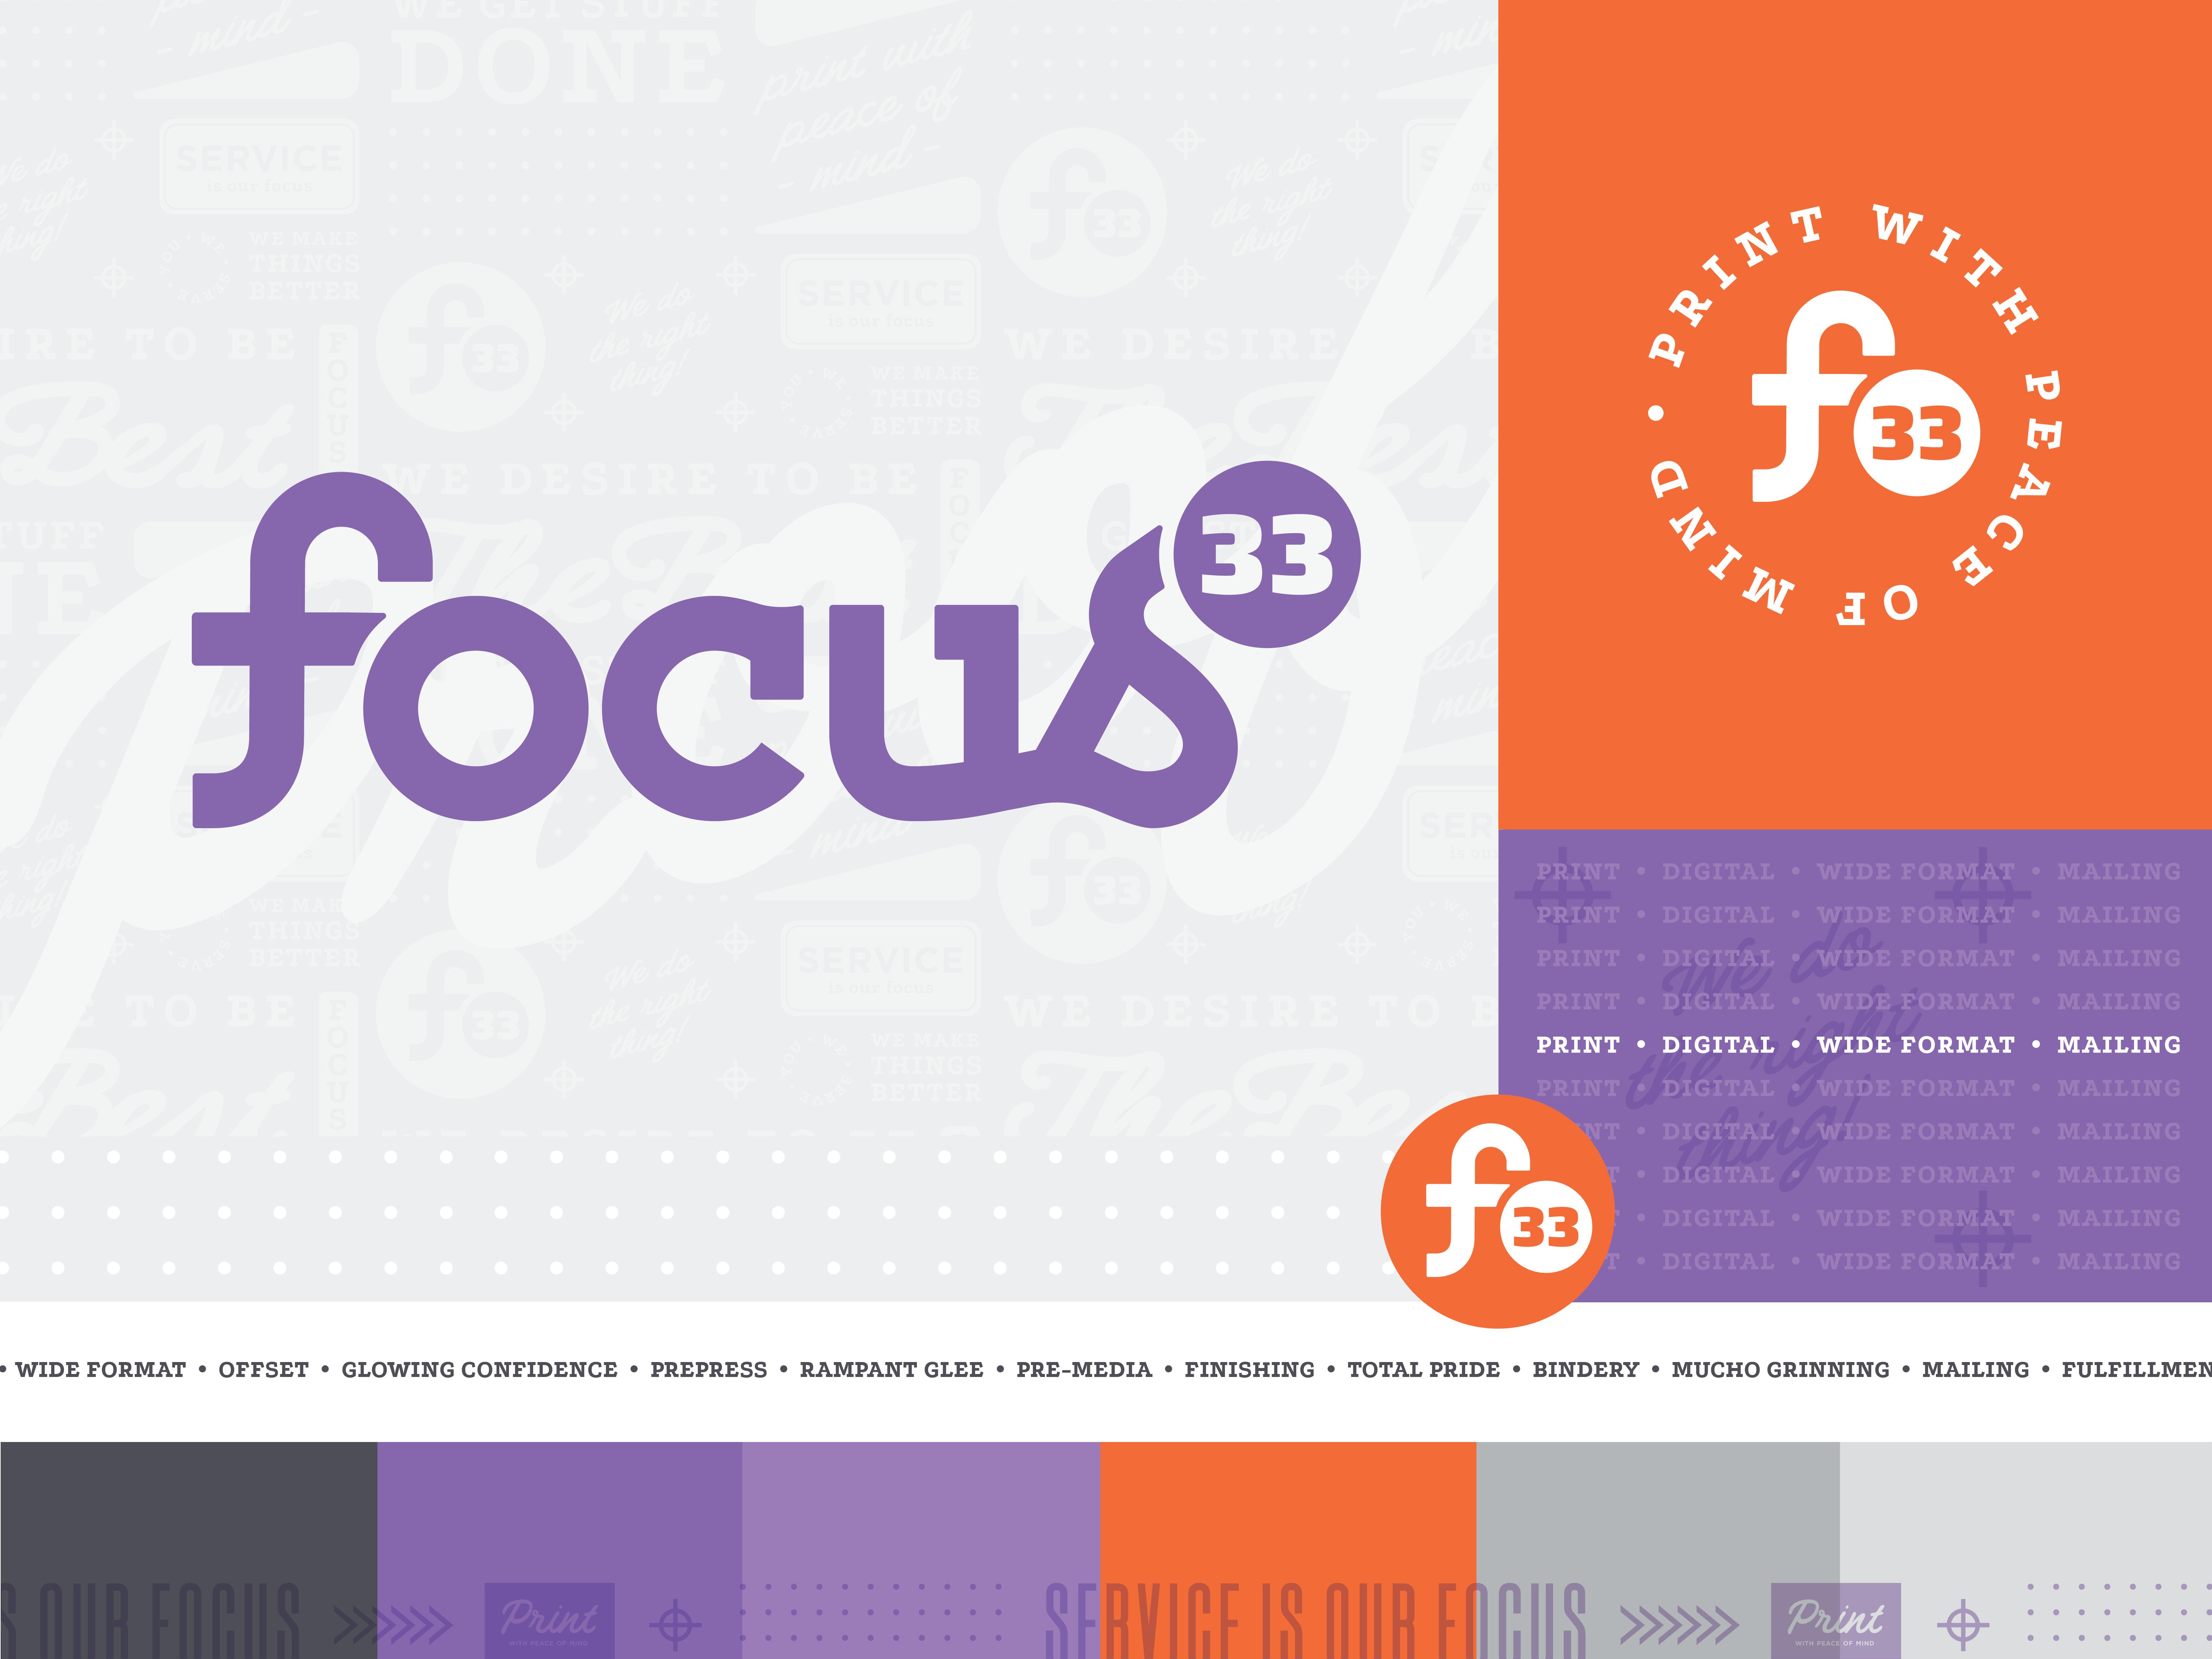 Rebrand Alert: Focus 33